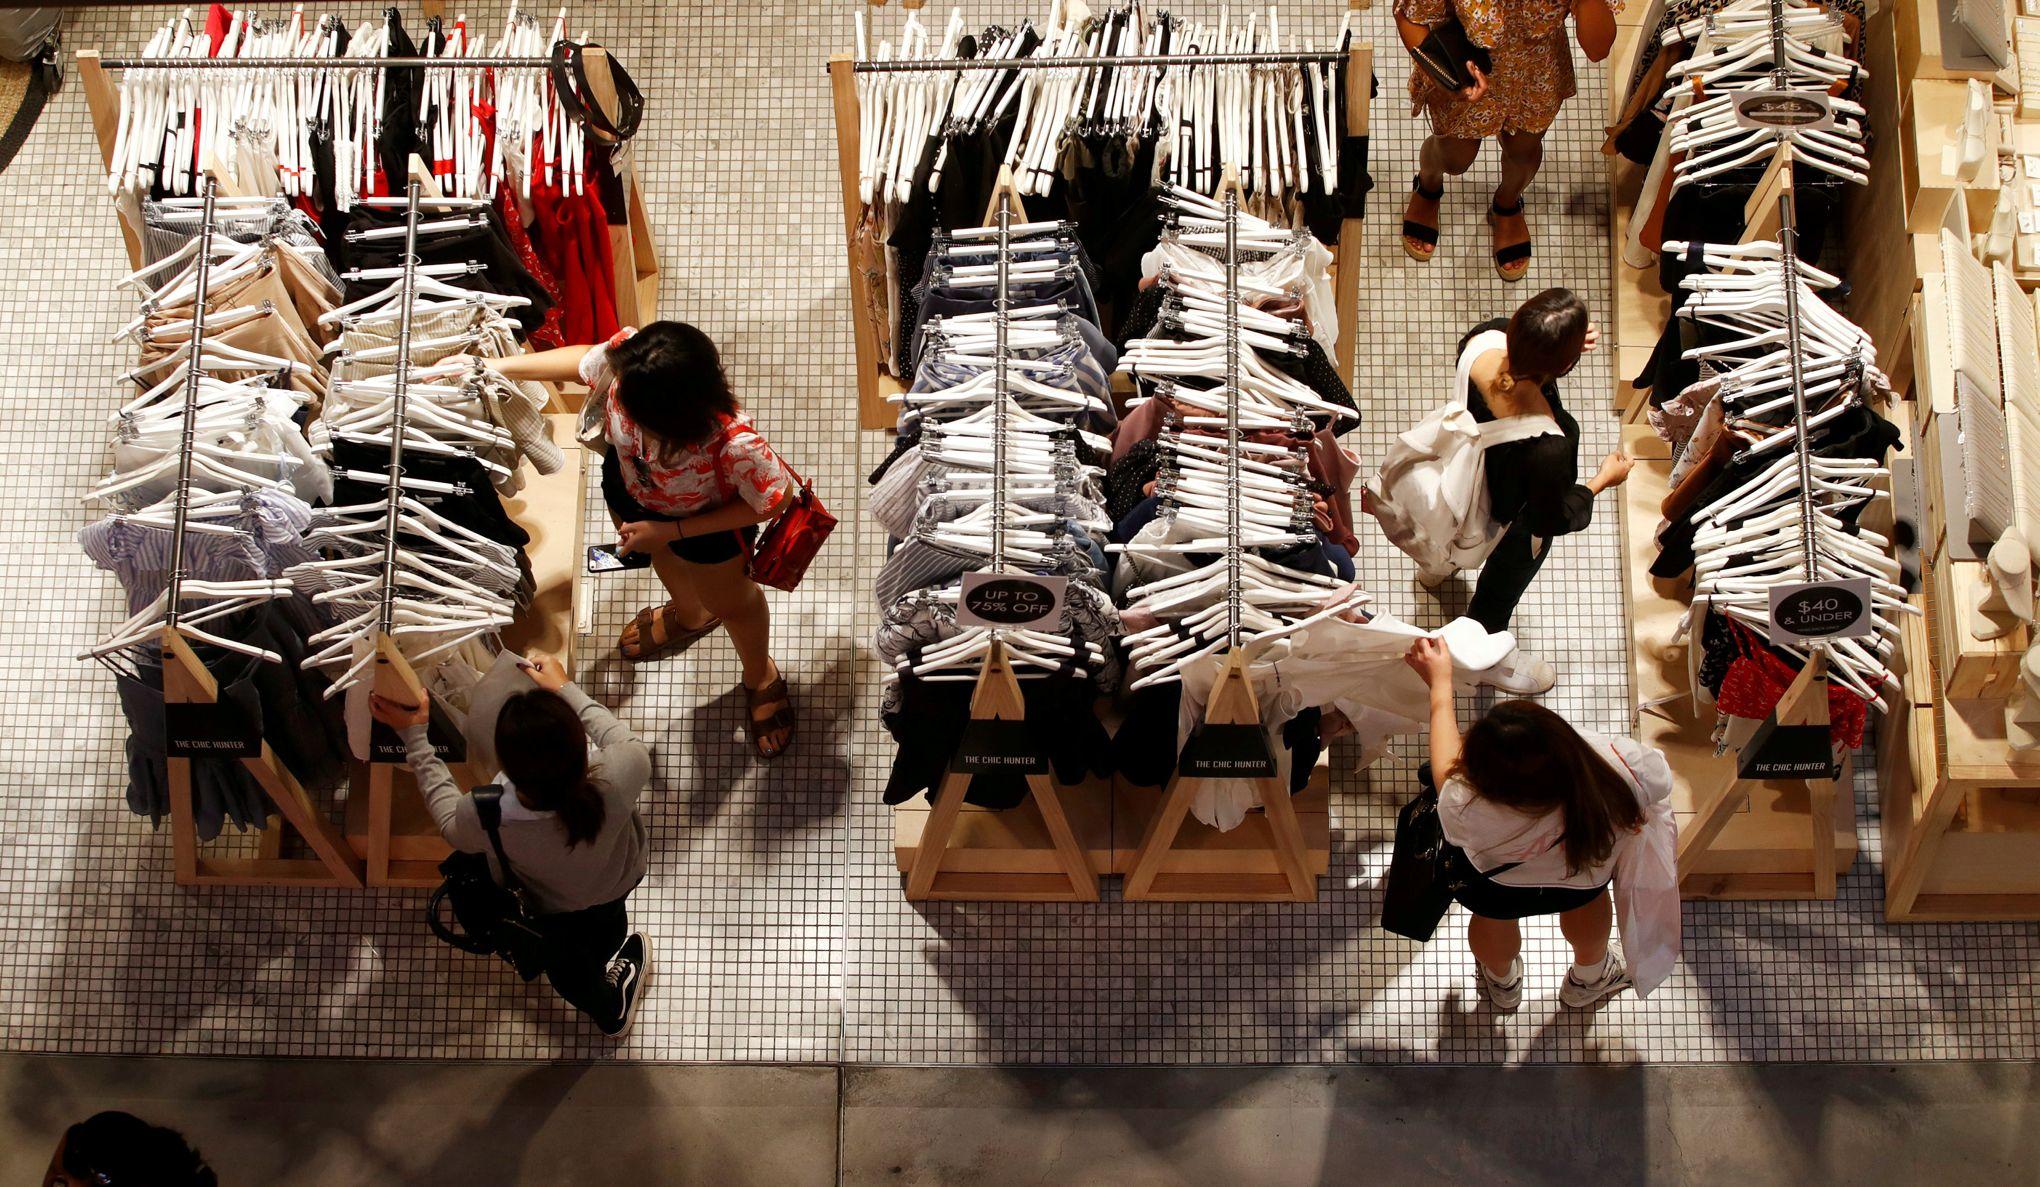 Le gouvernement va interdire aux marques de jeter leurs vêtements invendus e446b3d6b9a